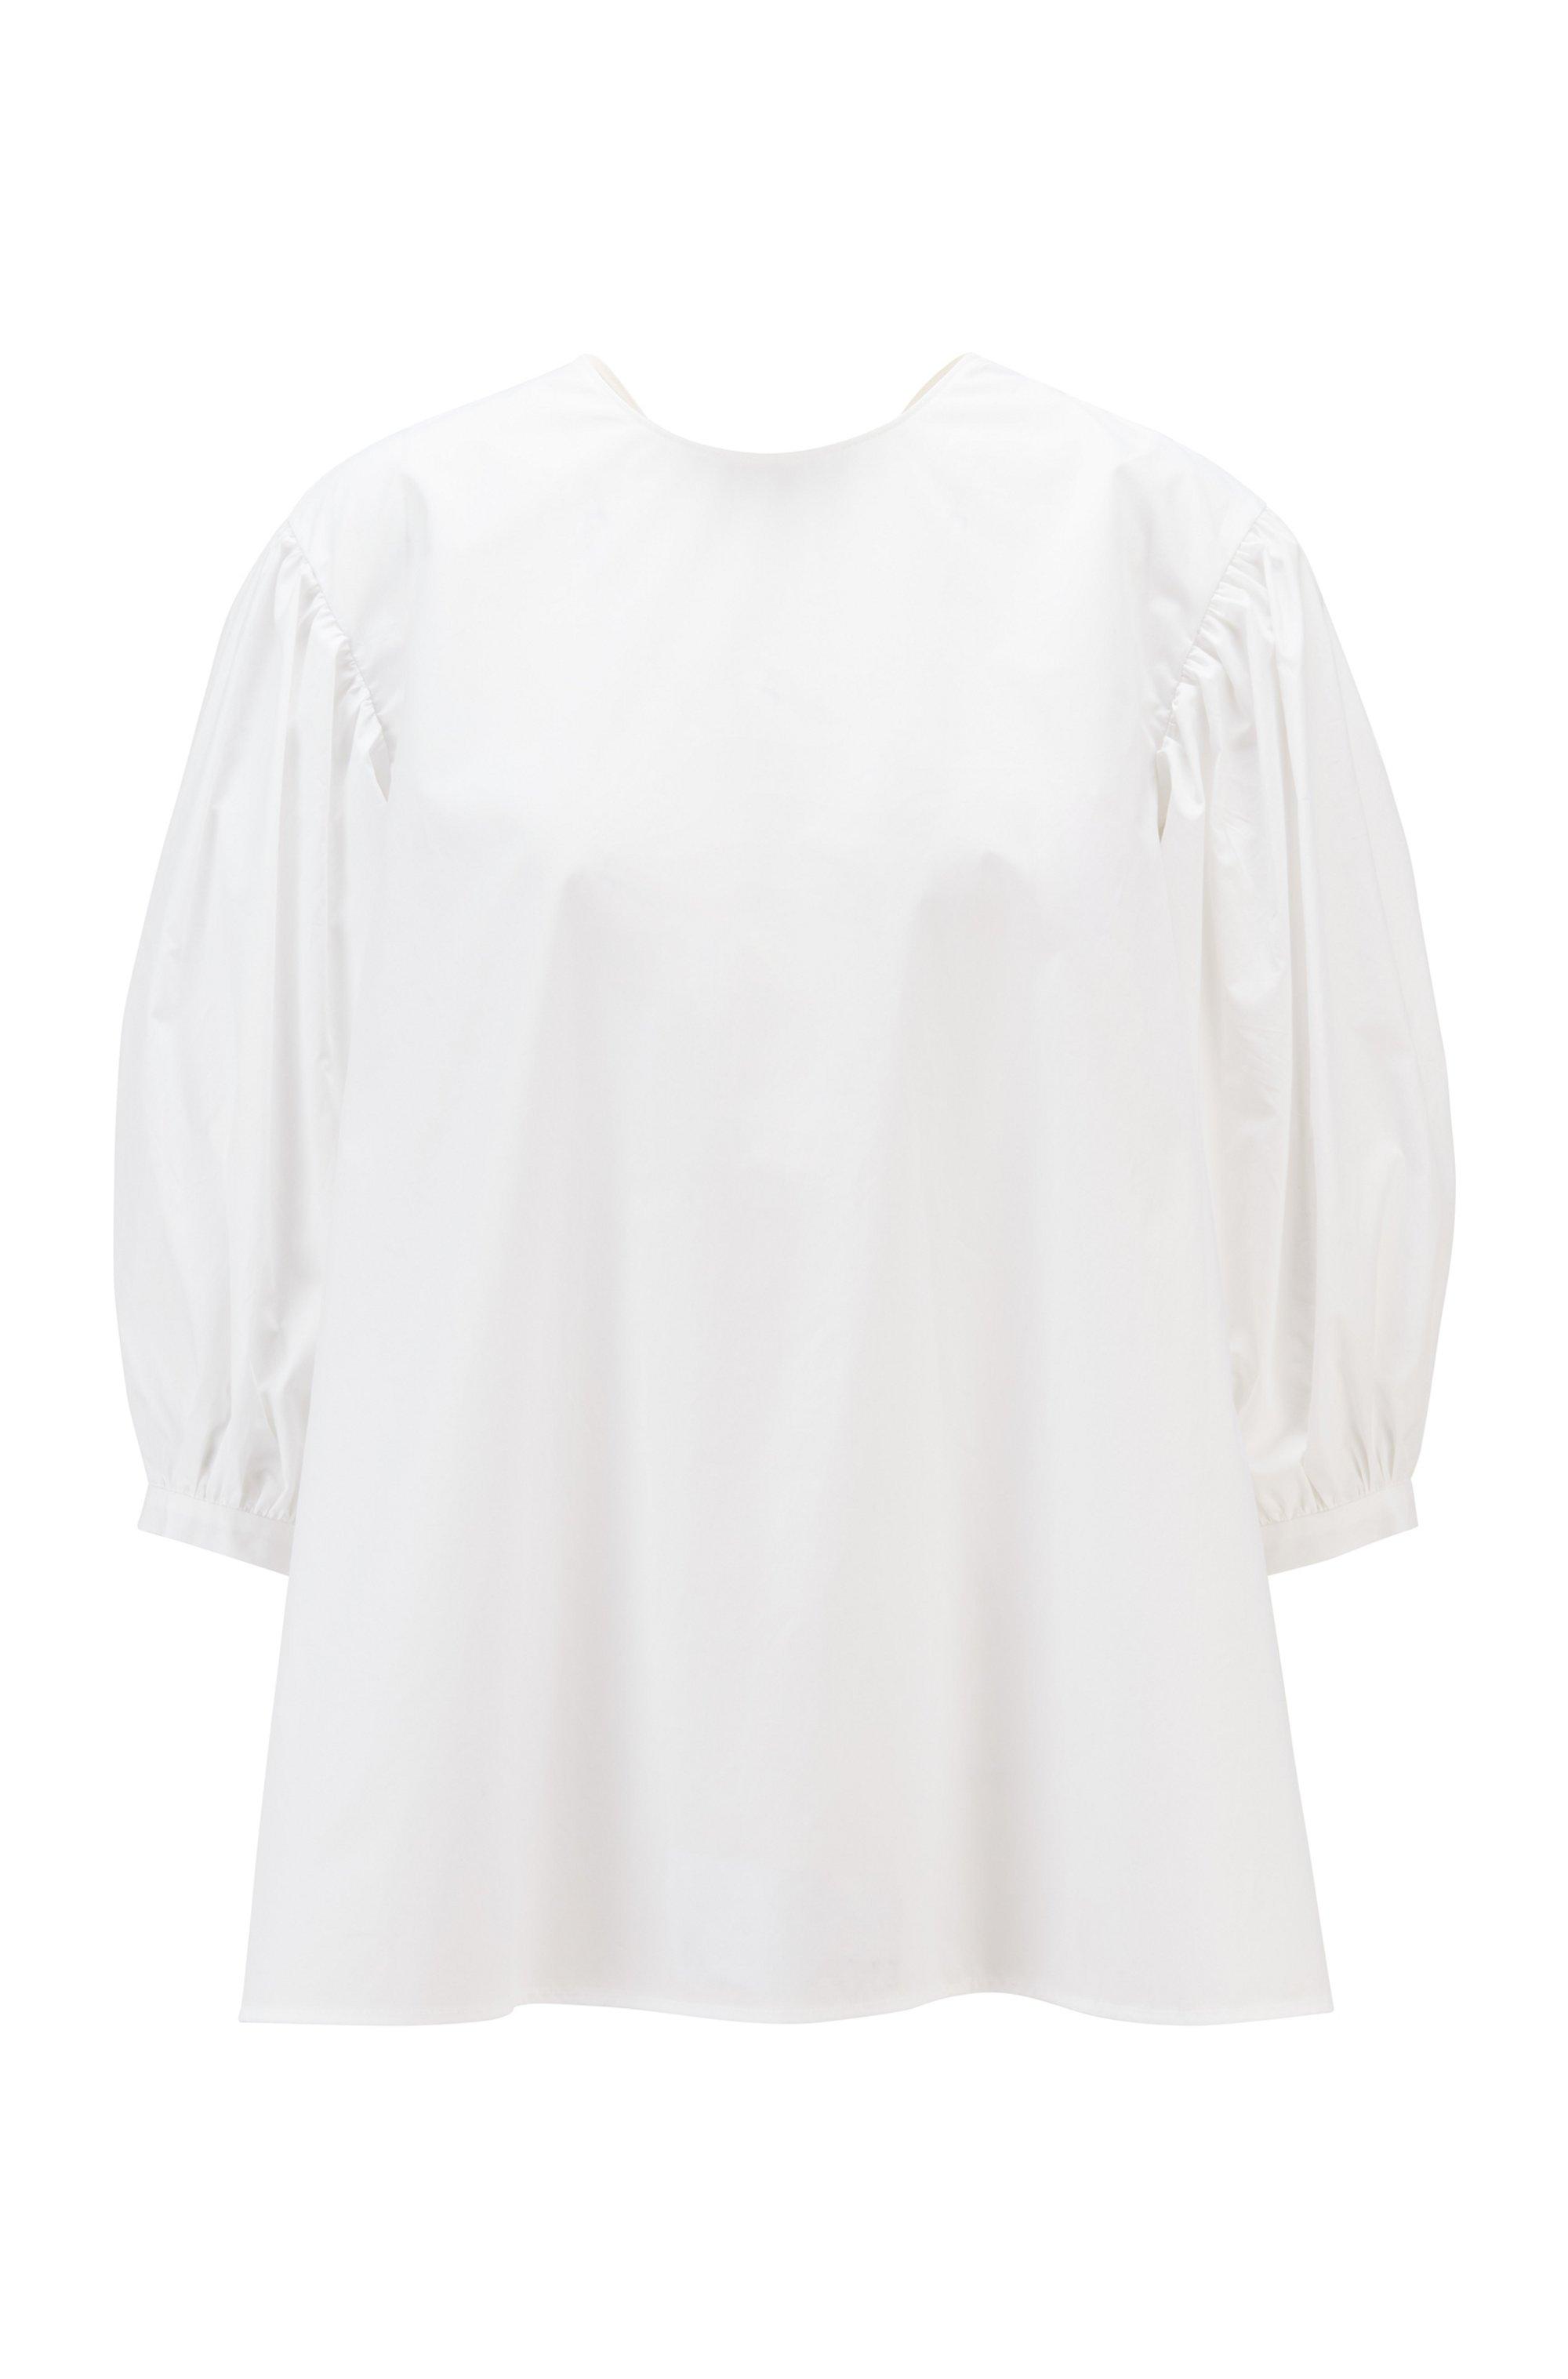 Top aus Baumwoll-Popeline mit Ballonärmeln, Weiß